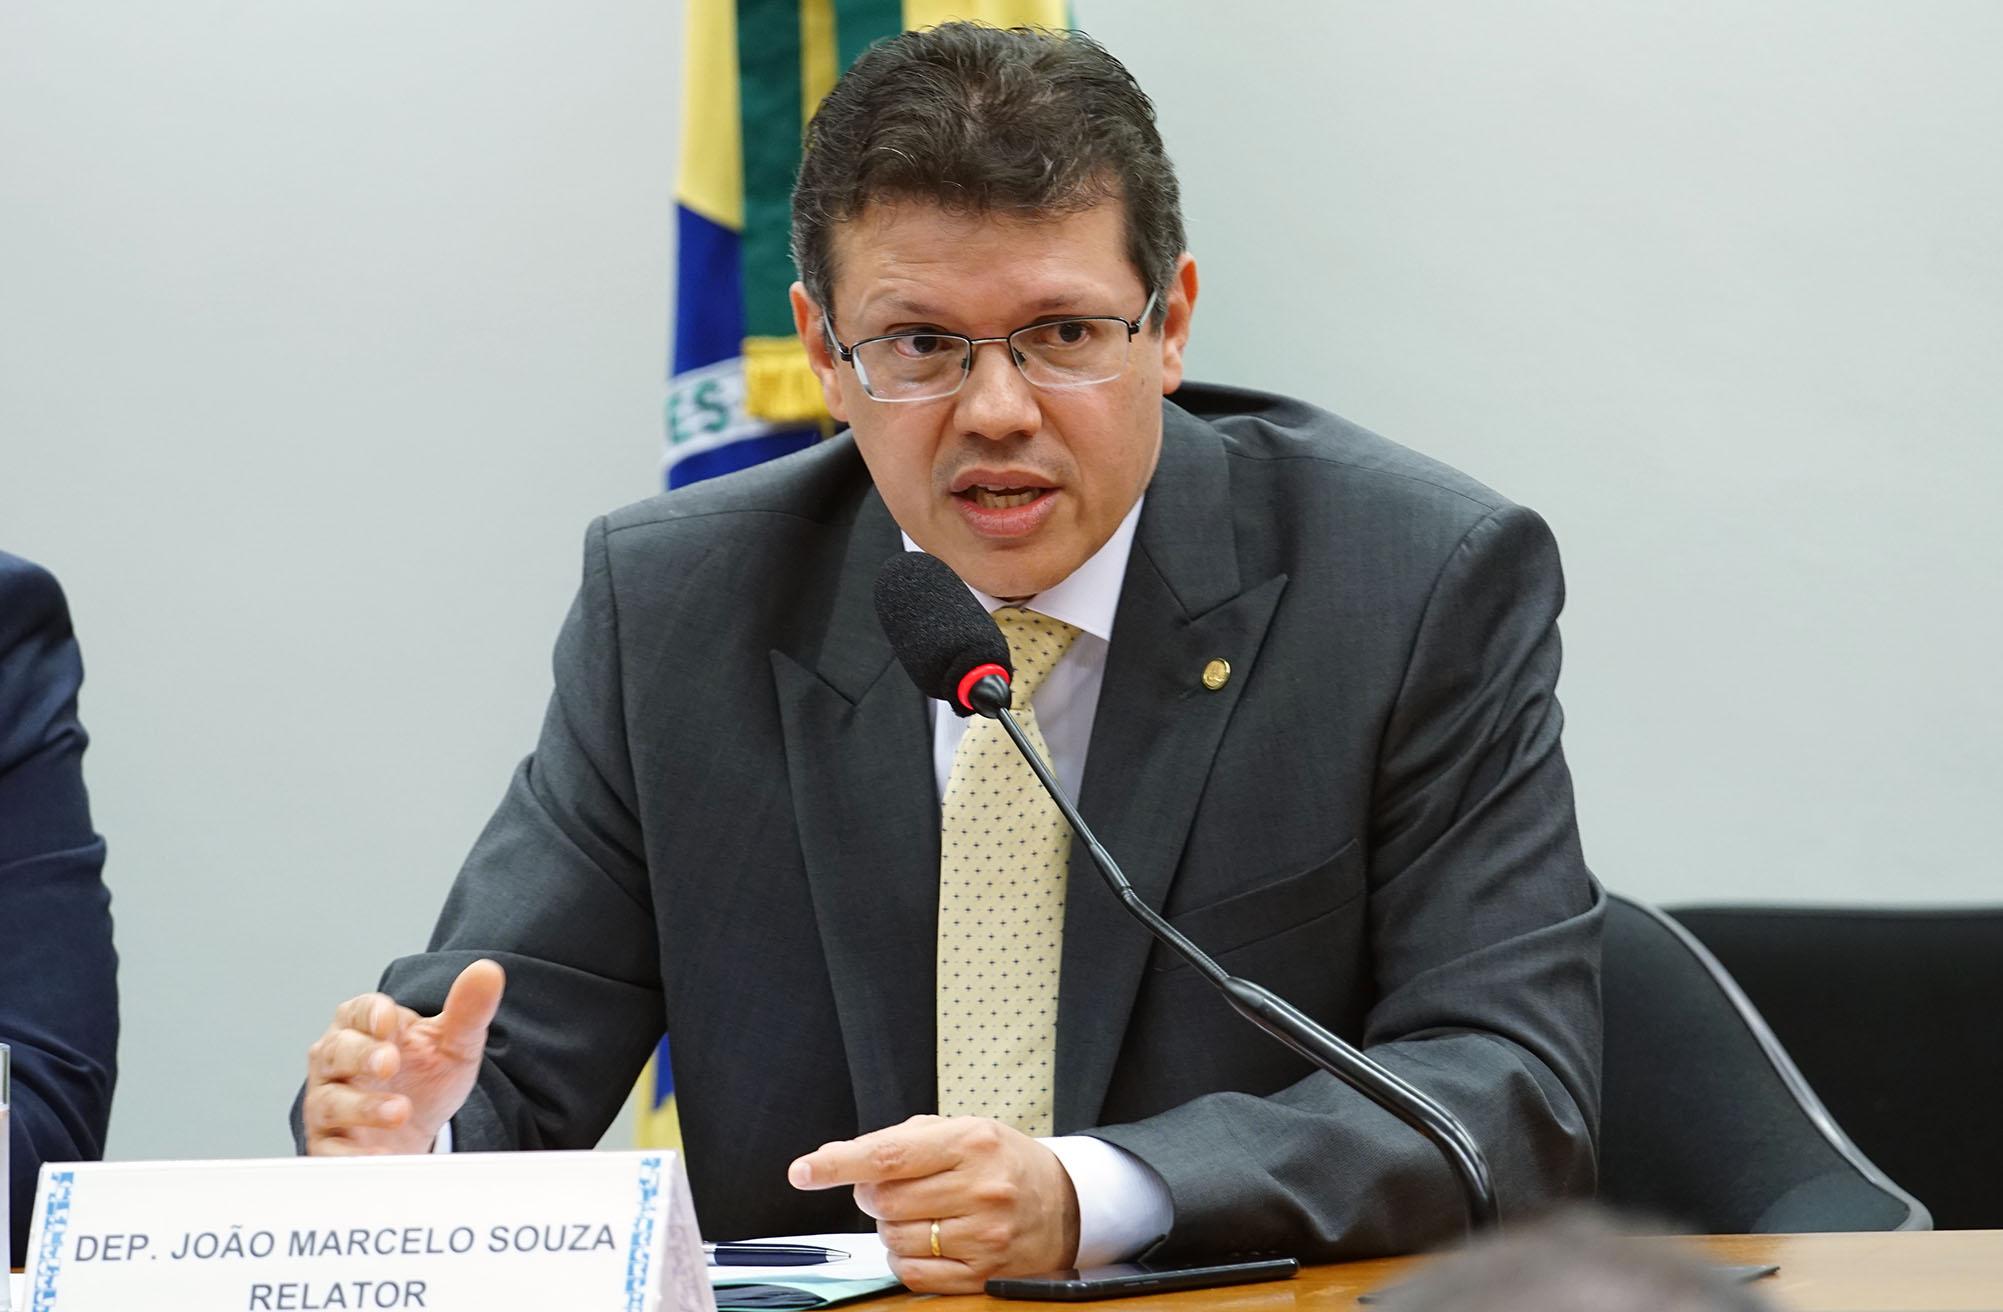 Reunião Ordinária. Dep. João Marcelo Souza (PMDB - MA)